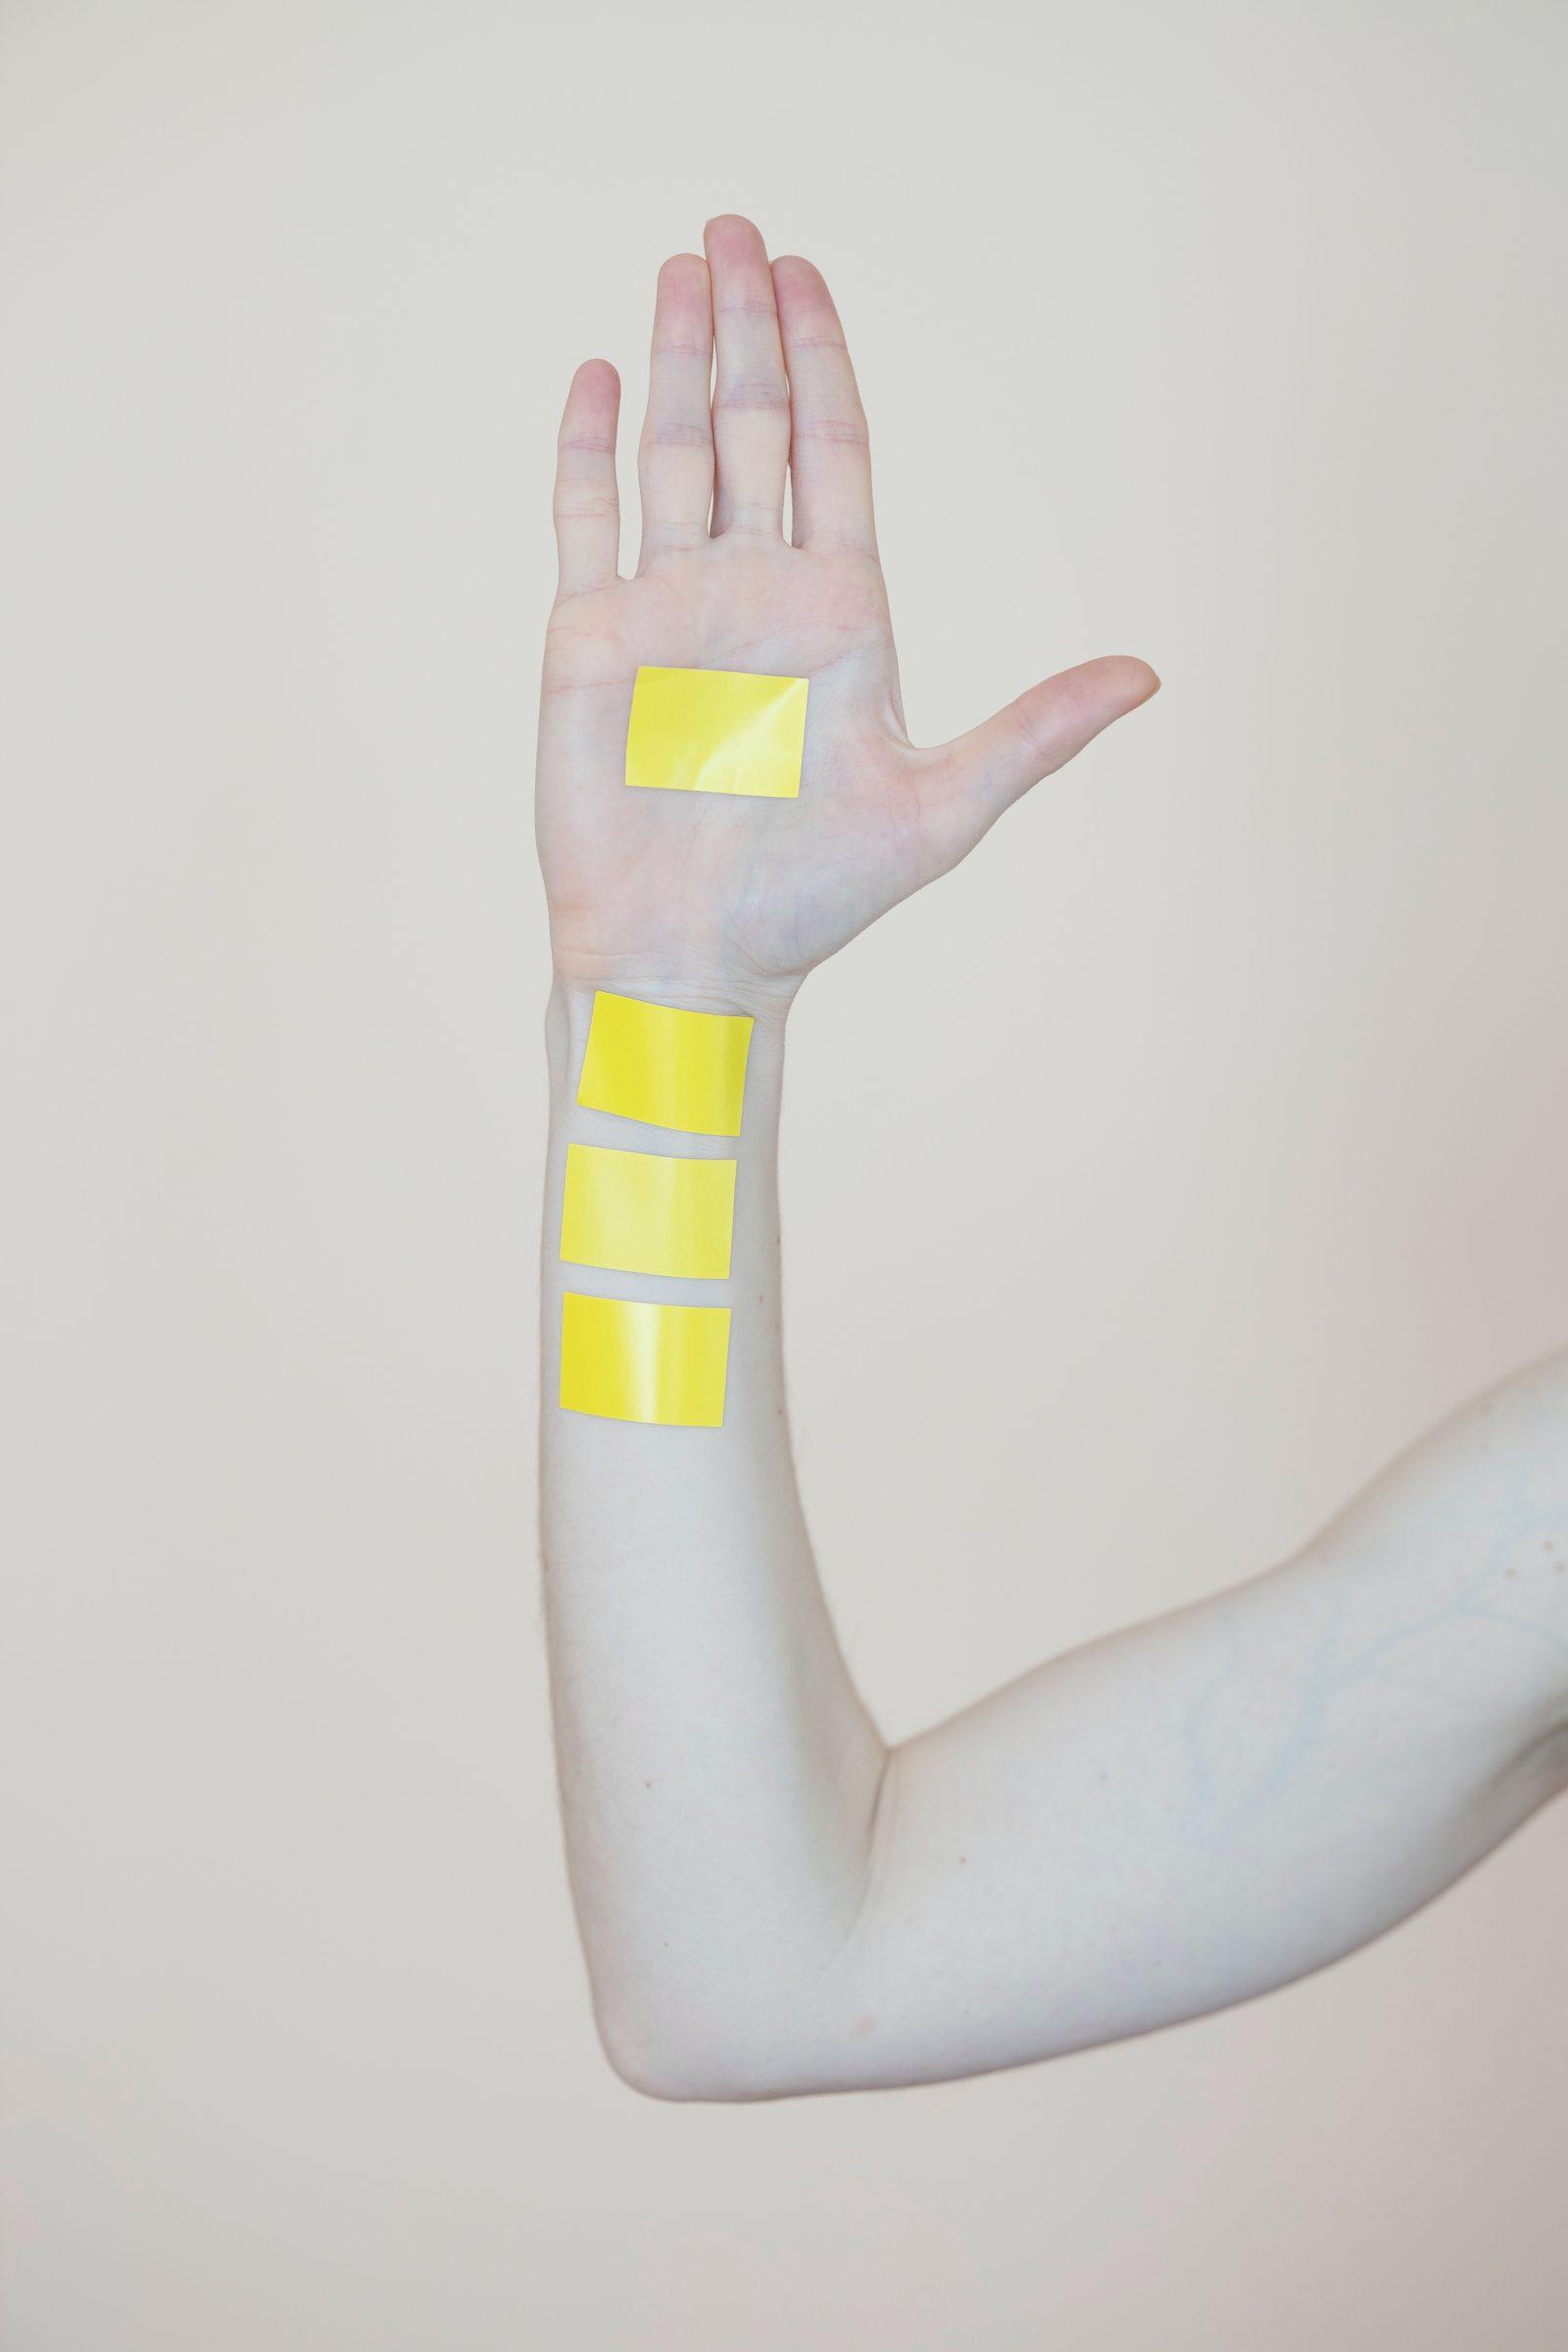 Skin tags and warts